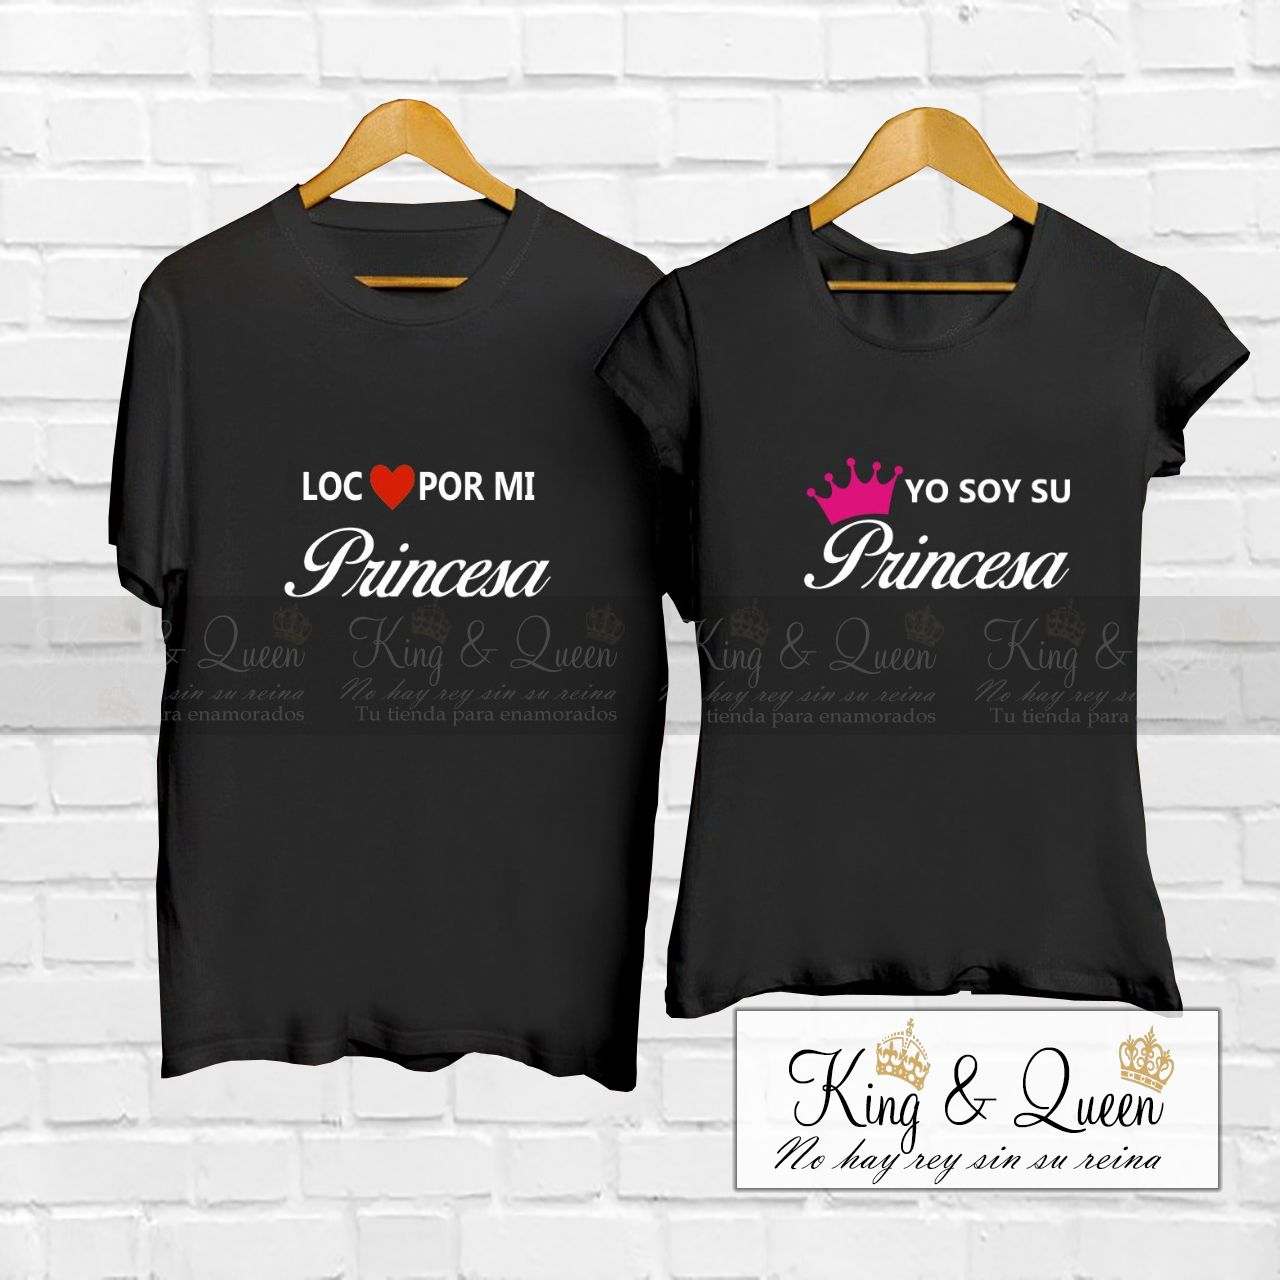 mejores zapatillas de deporte venta online originales Camisetas LOCO POR MI Princesa YO SOY SU Princesa 20213 ...